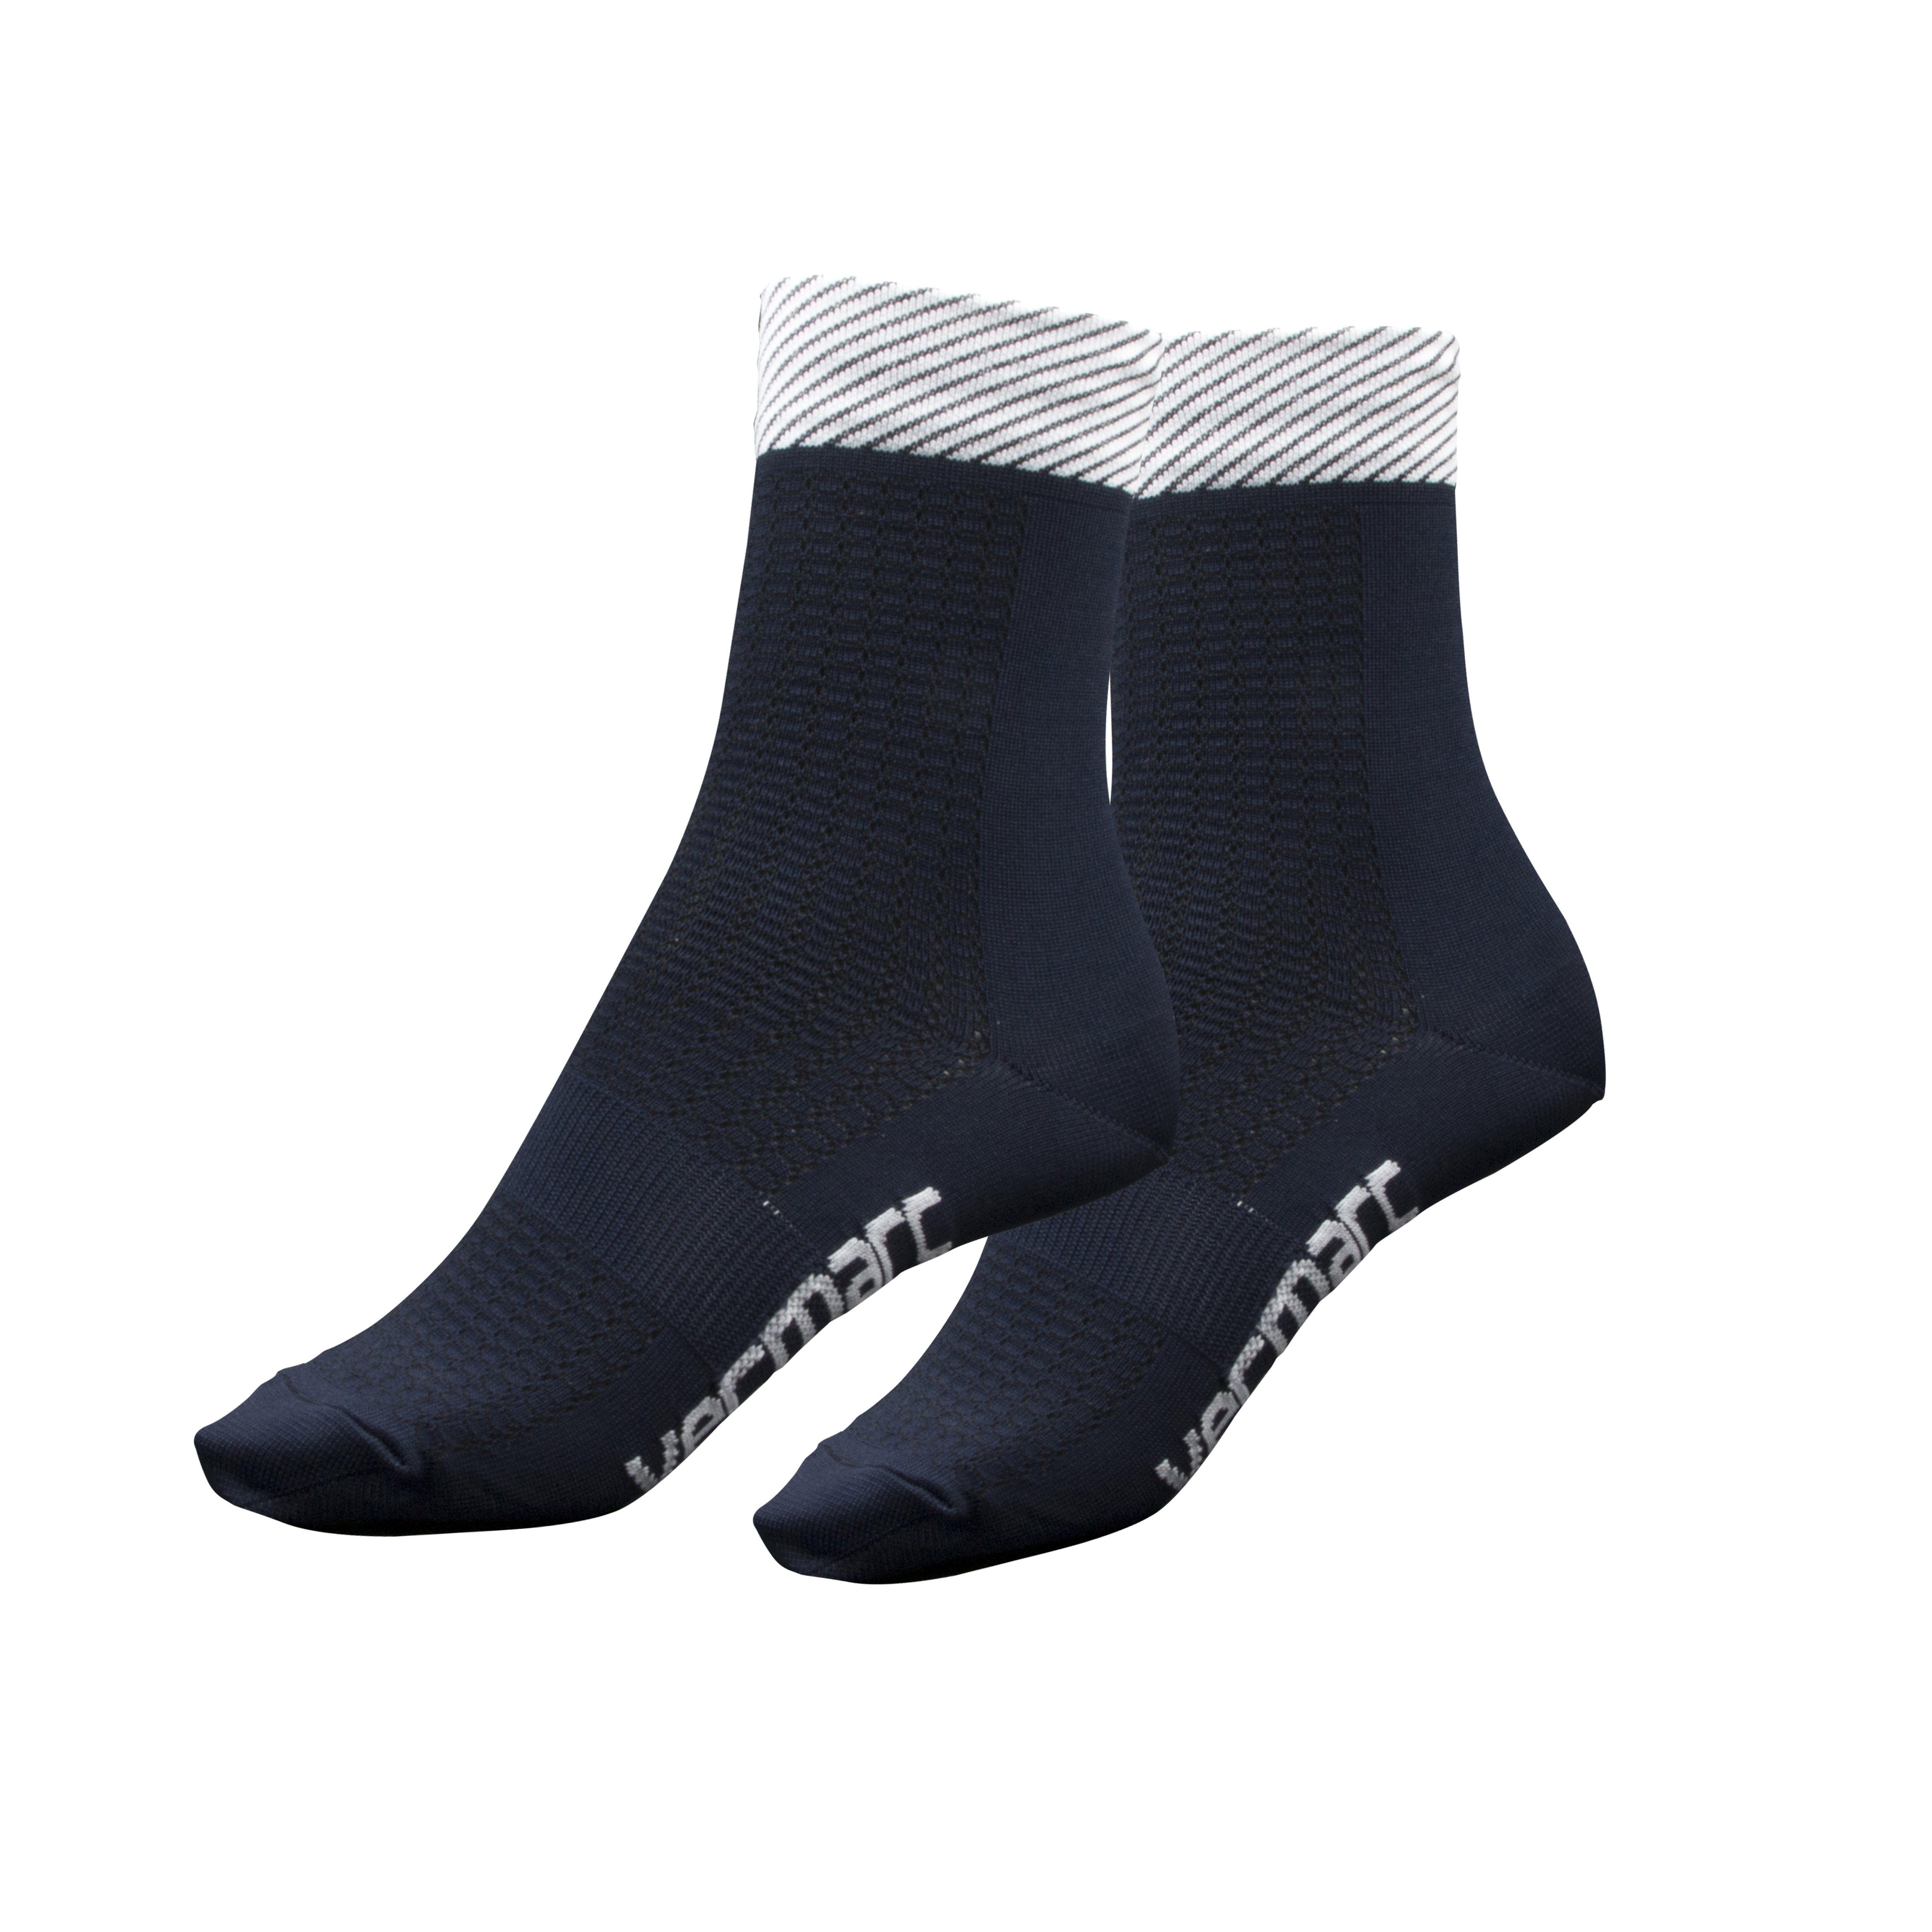 Classico Socks Skinlife